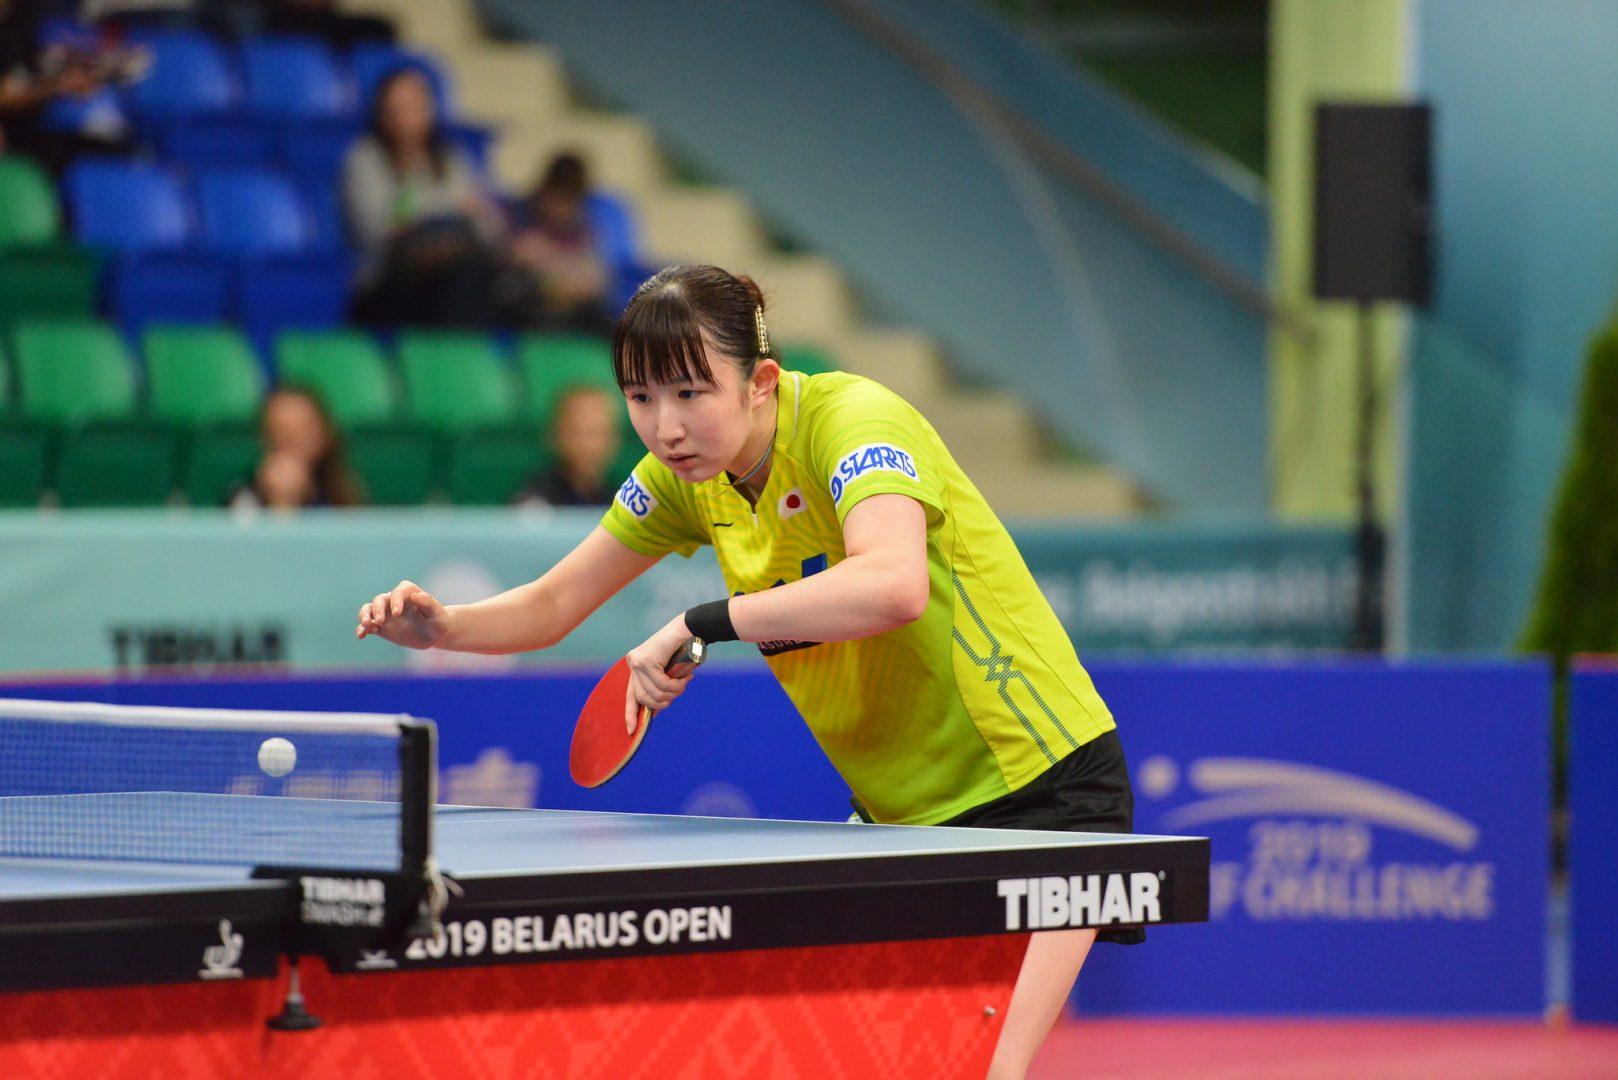 早田ひな 黄金世代対決を制し、韓国のカットマンと8強かけて対戦<卓球・オーストリアオープン 4日目見どころ>